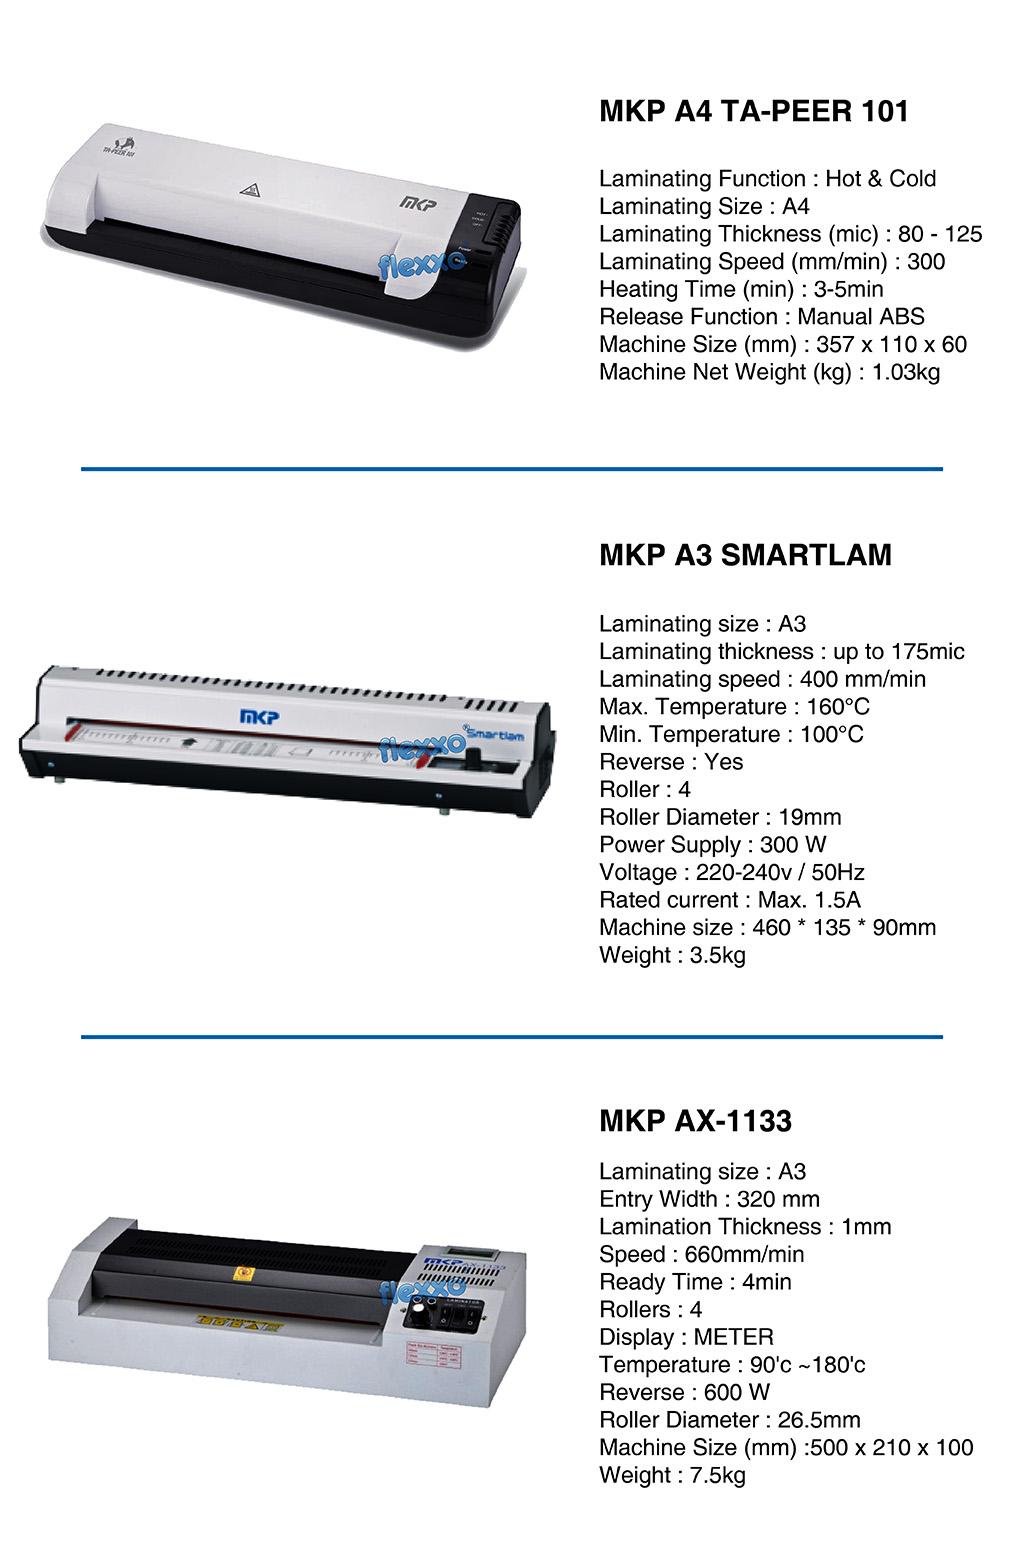 MKP Laminating Machine